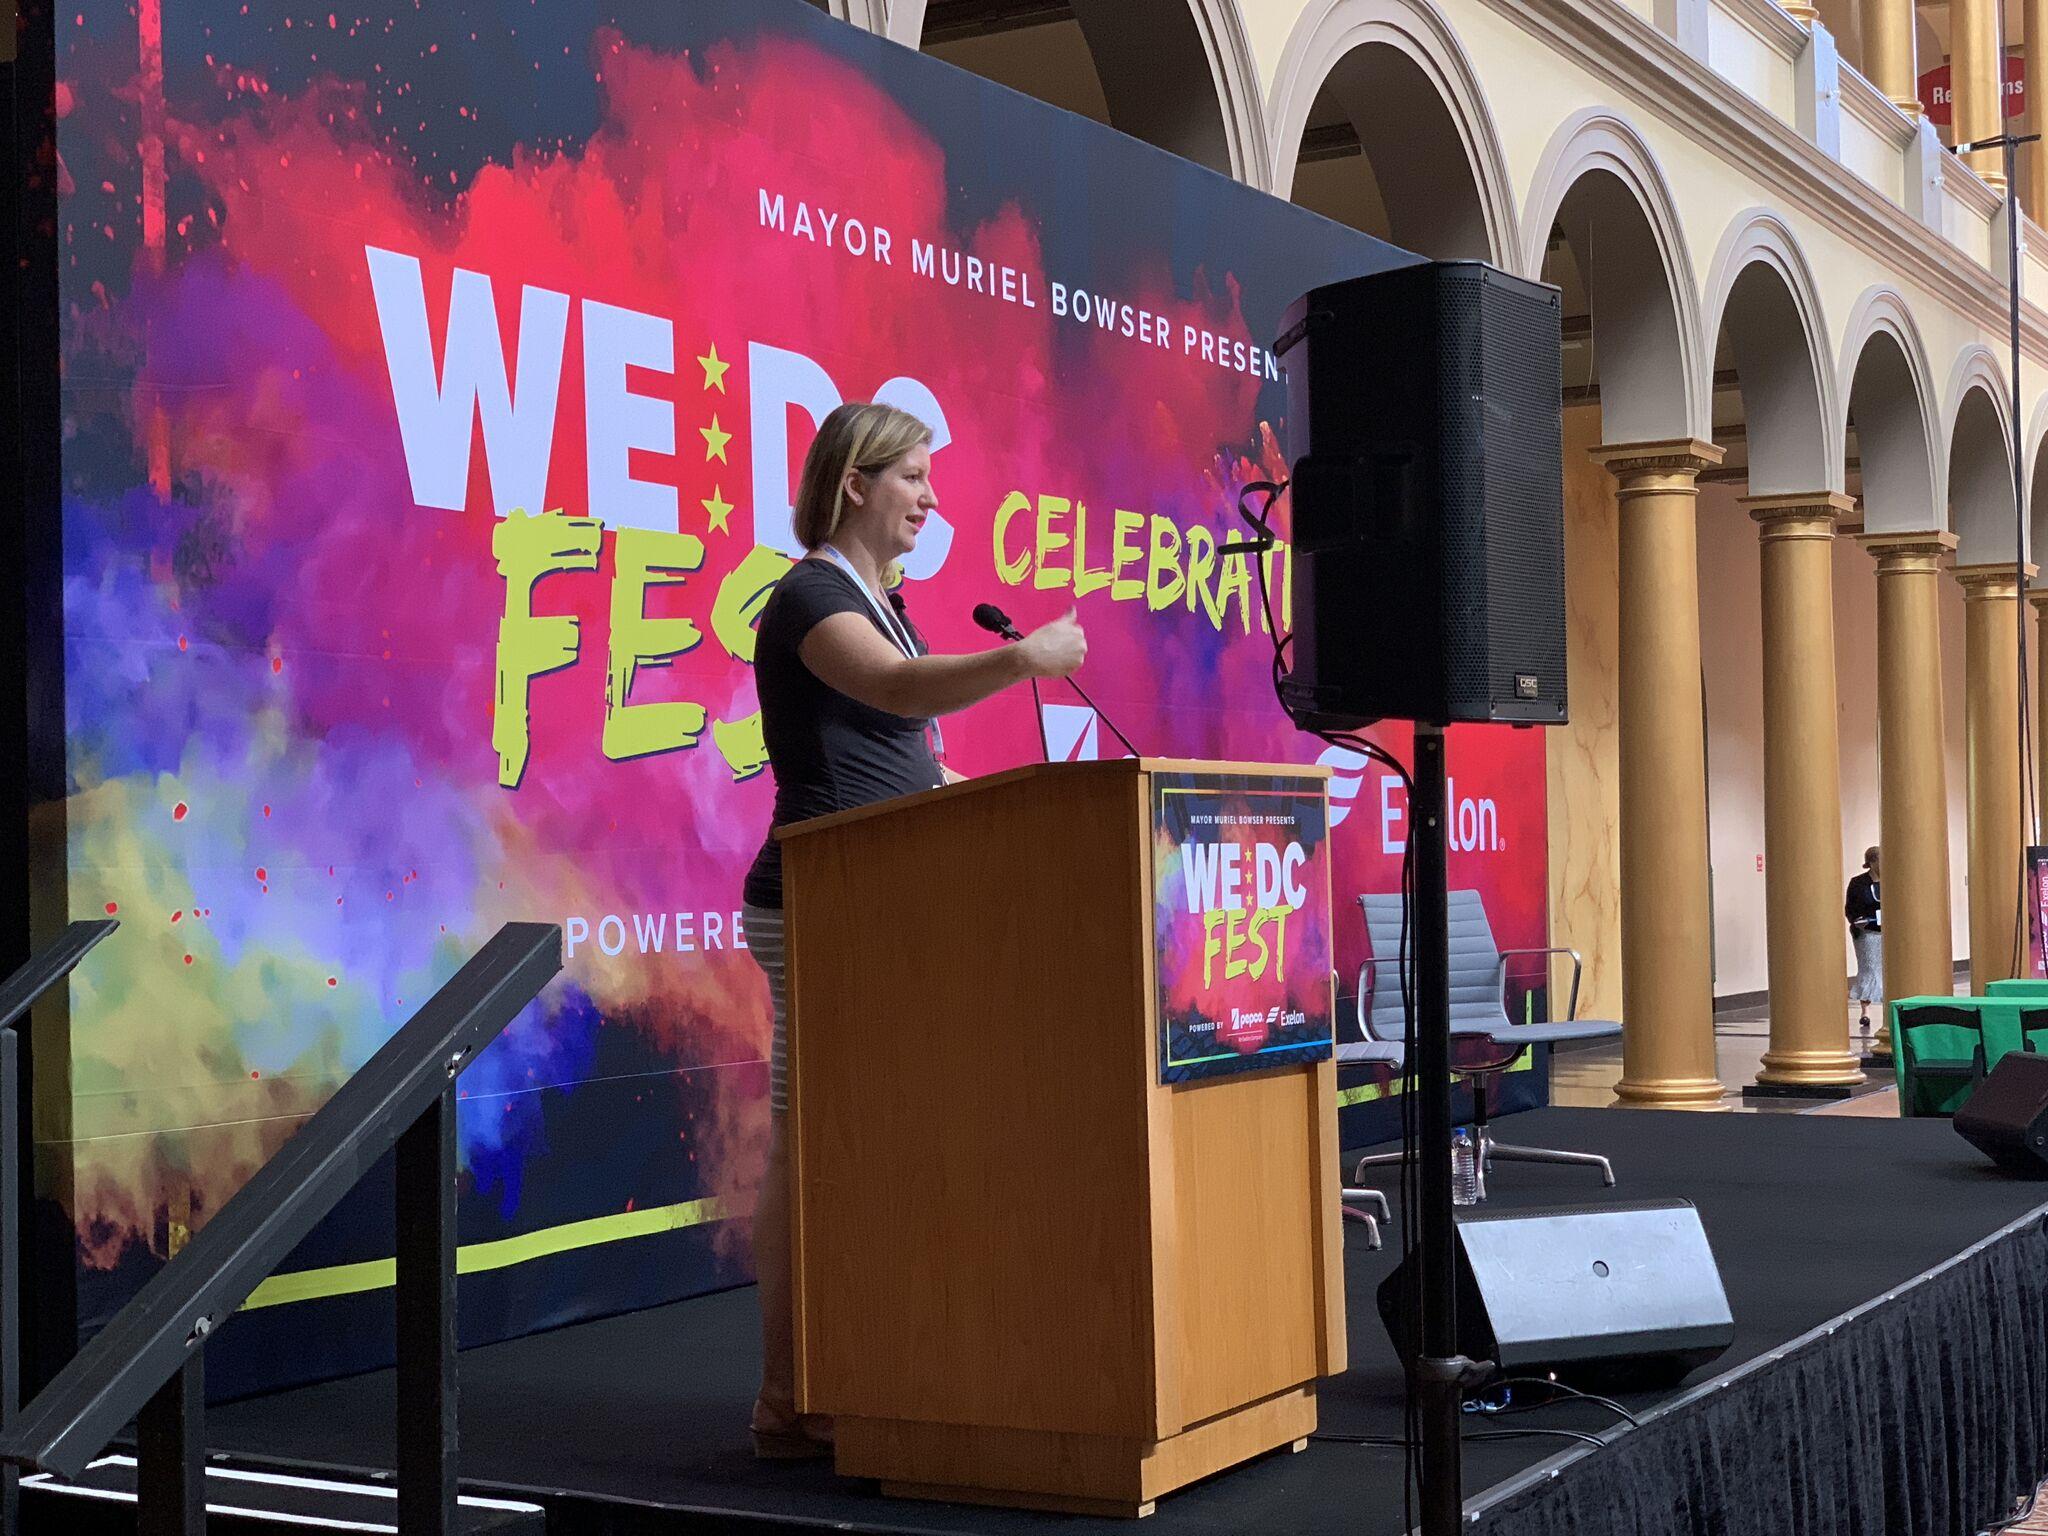 Laura speaking at We DC fest